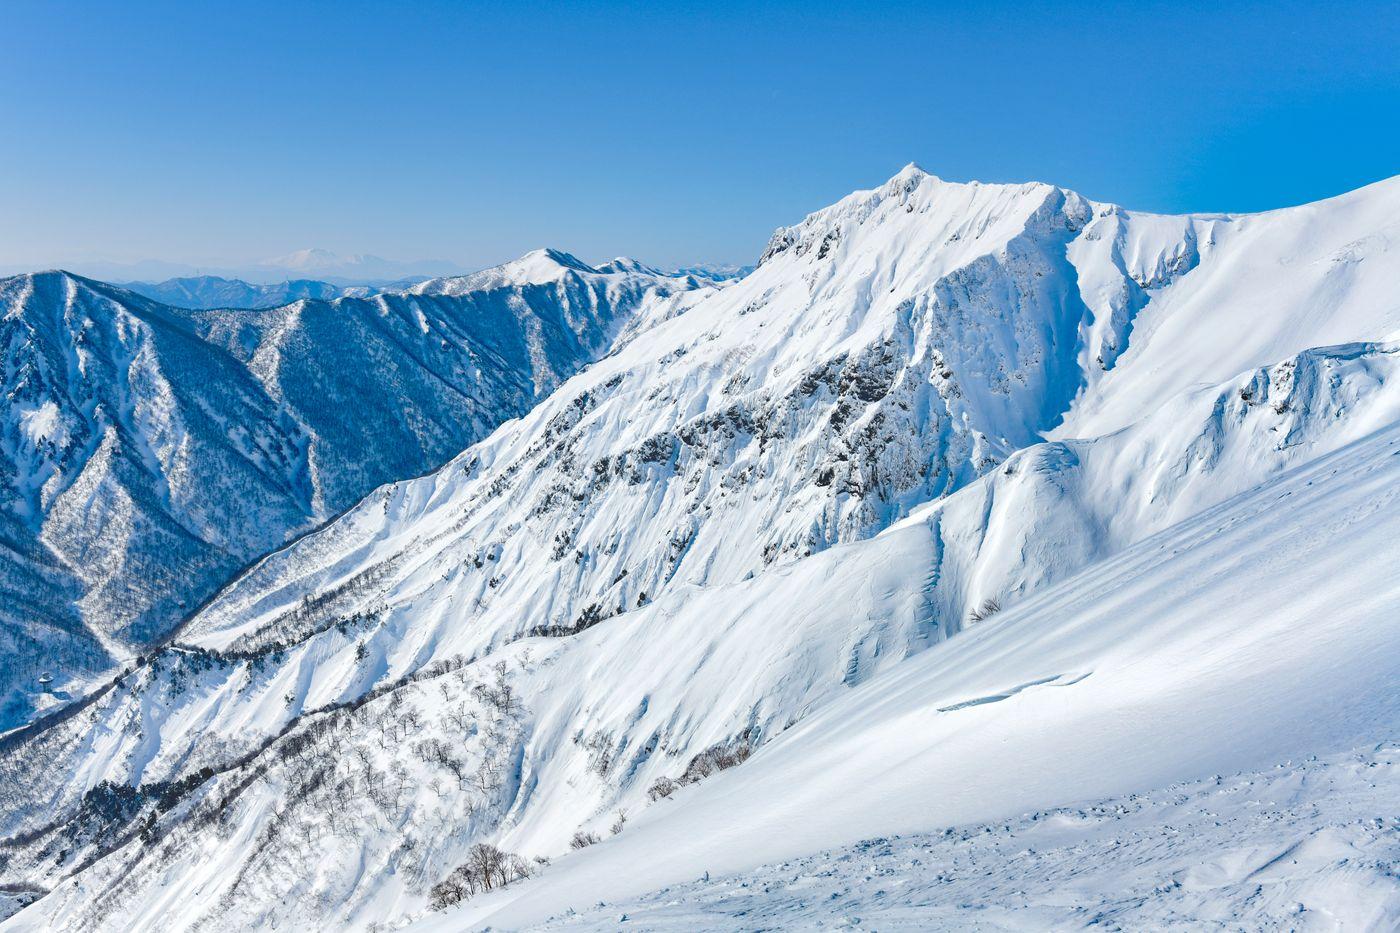 冬の谷川岳登山道からの景色の写真